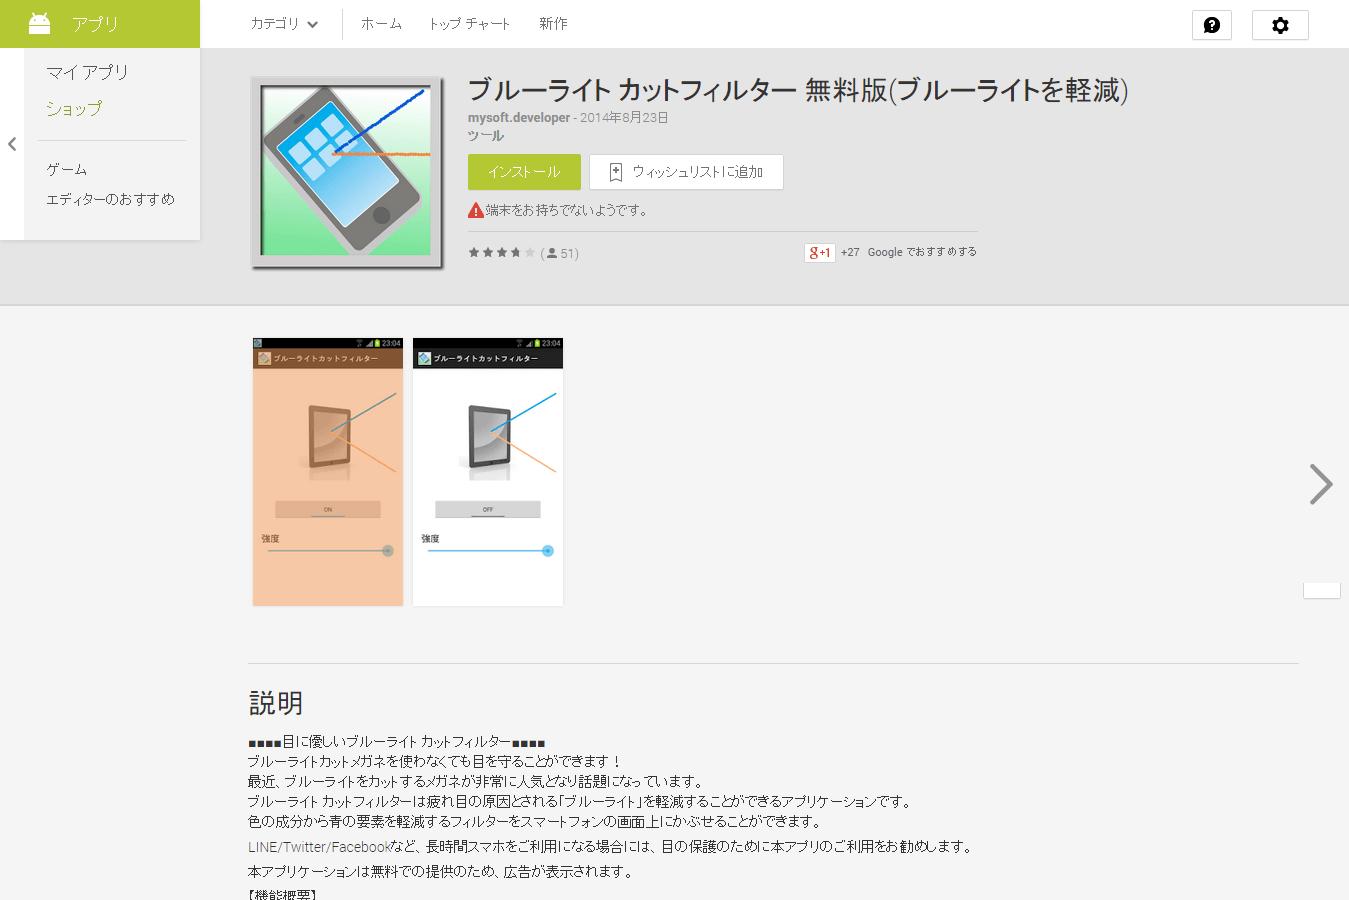 ブルーライト カットフィルター 無料版(ブルーライトを軽減)のトップページ